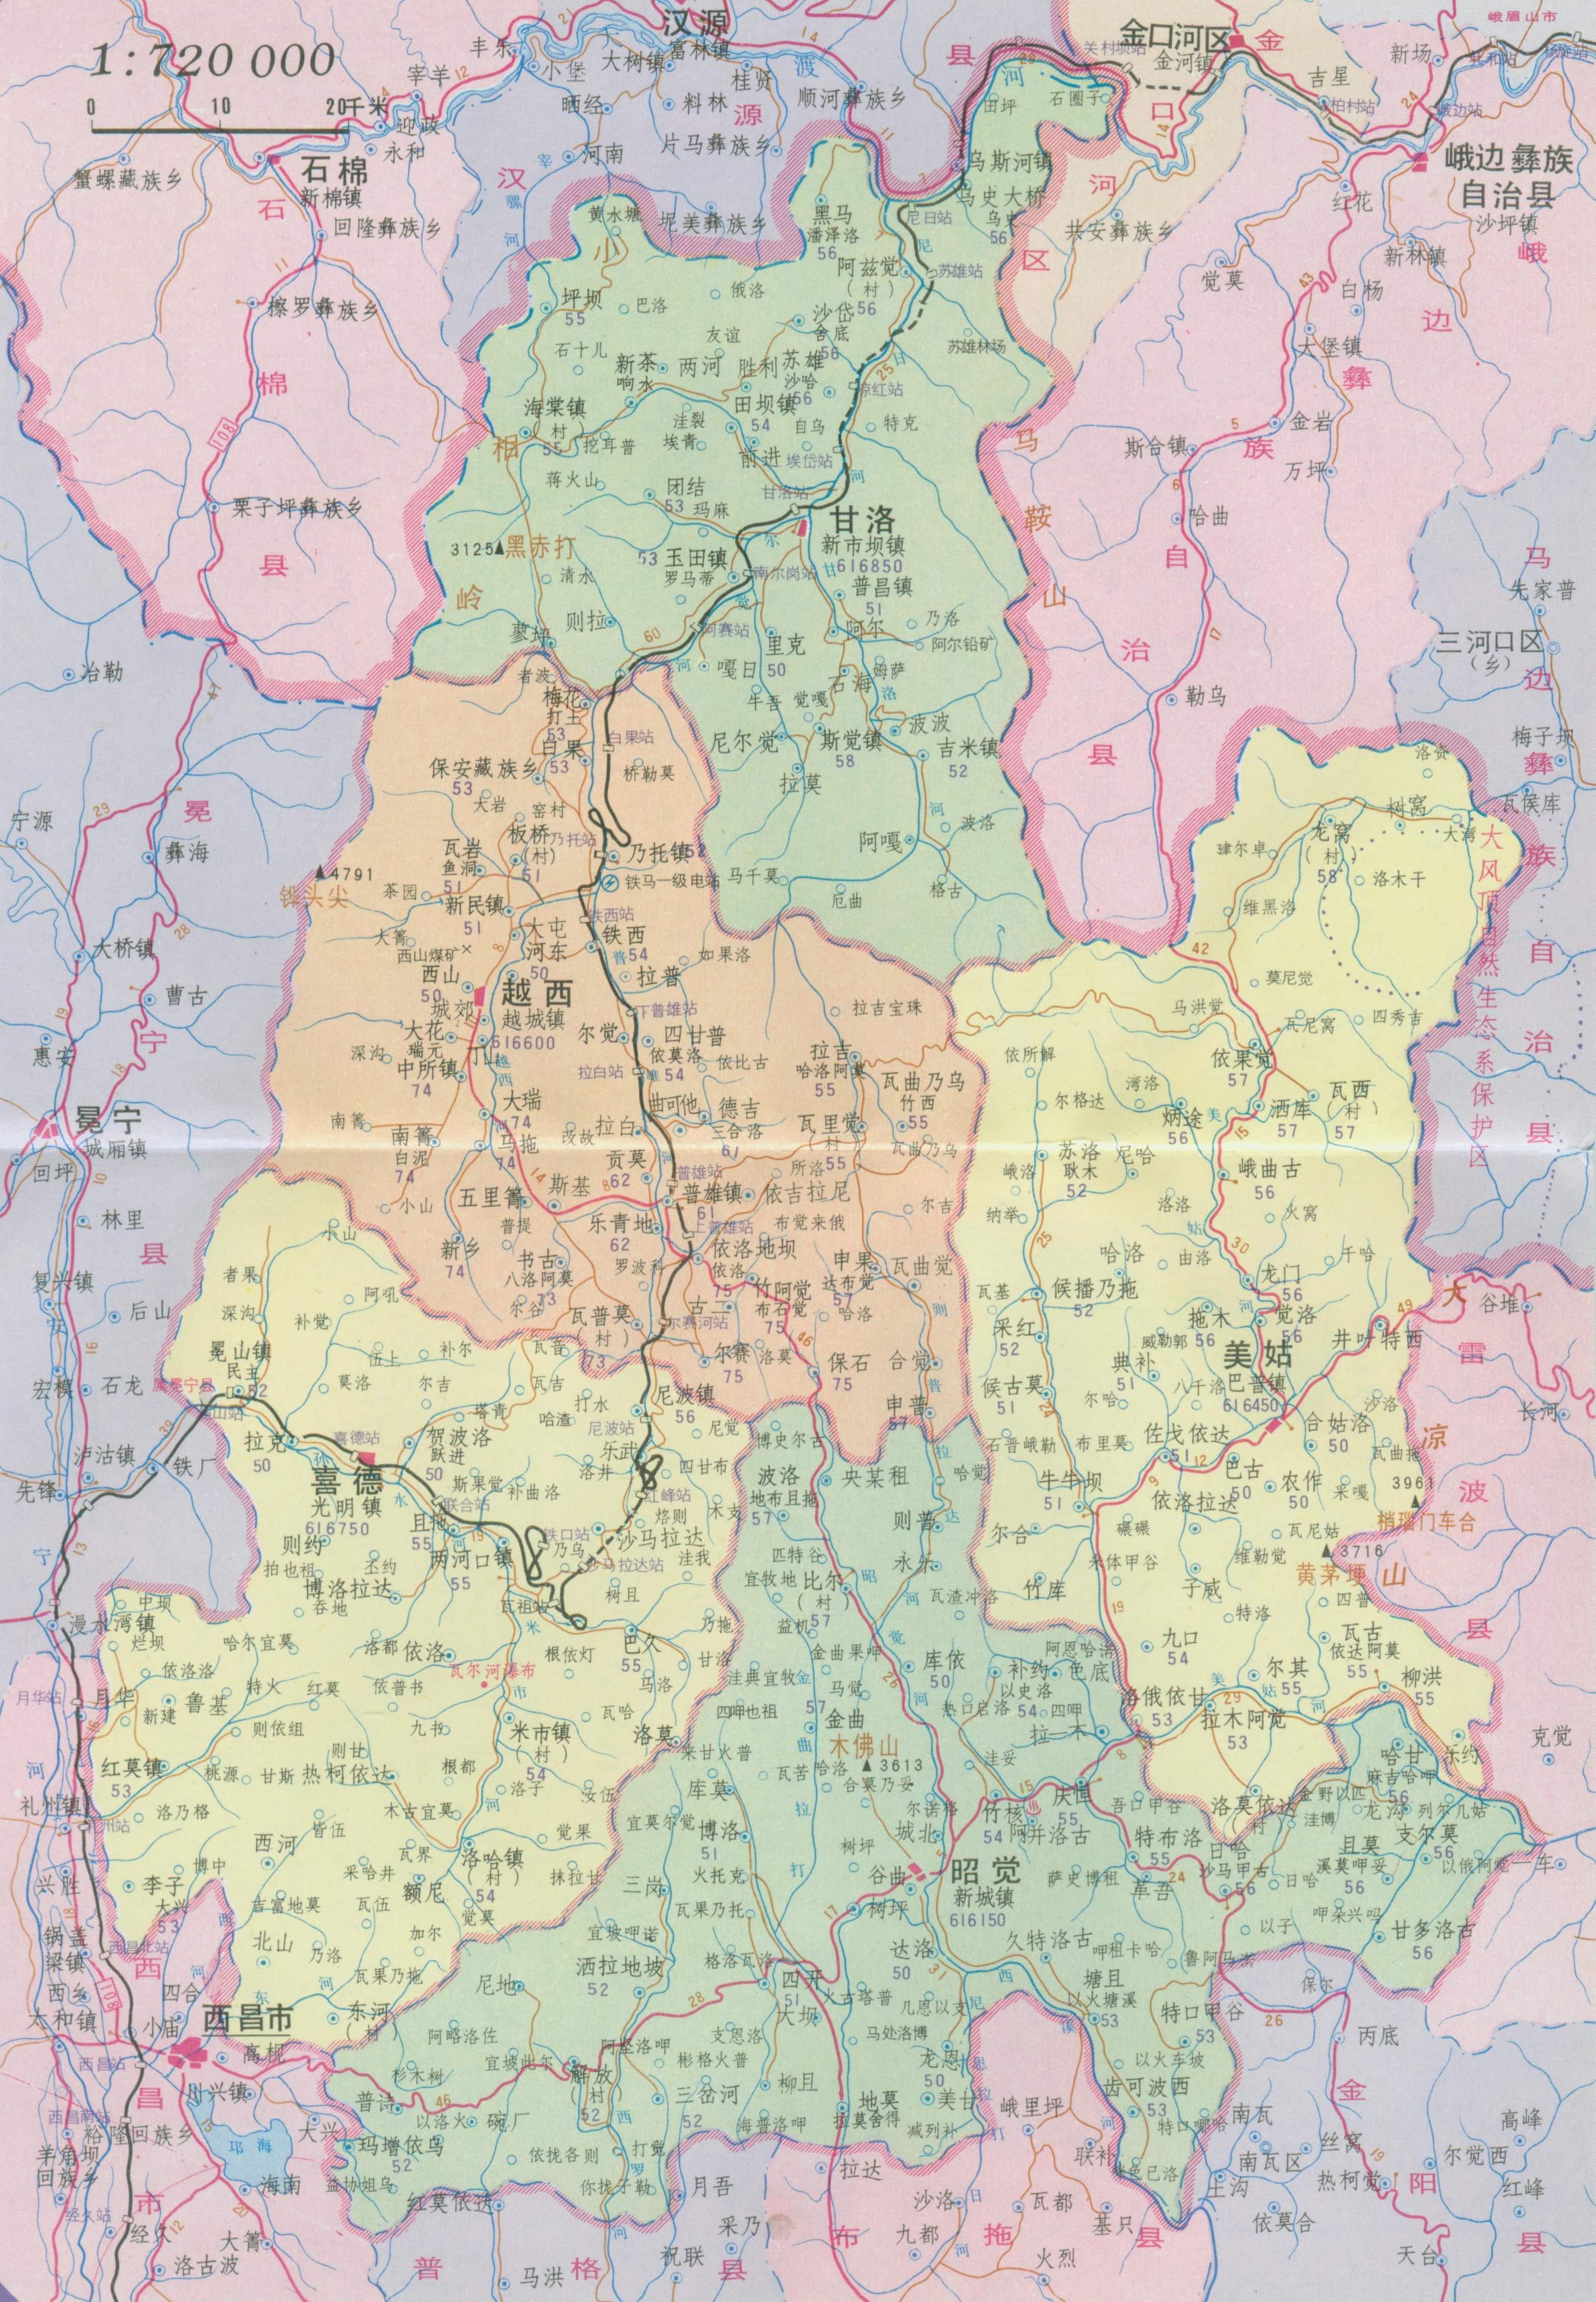 越西县地图_凉山彝族自治州地图查询